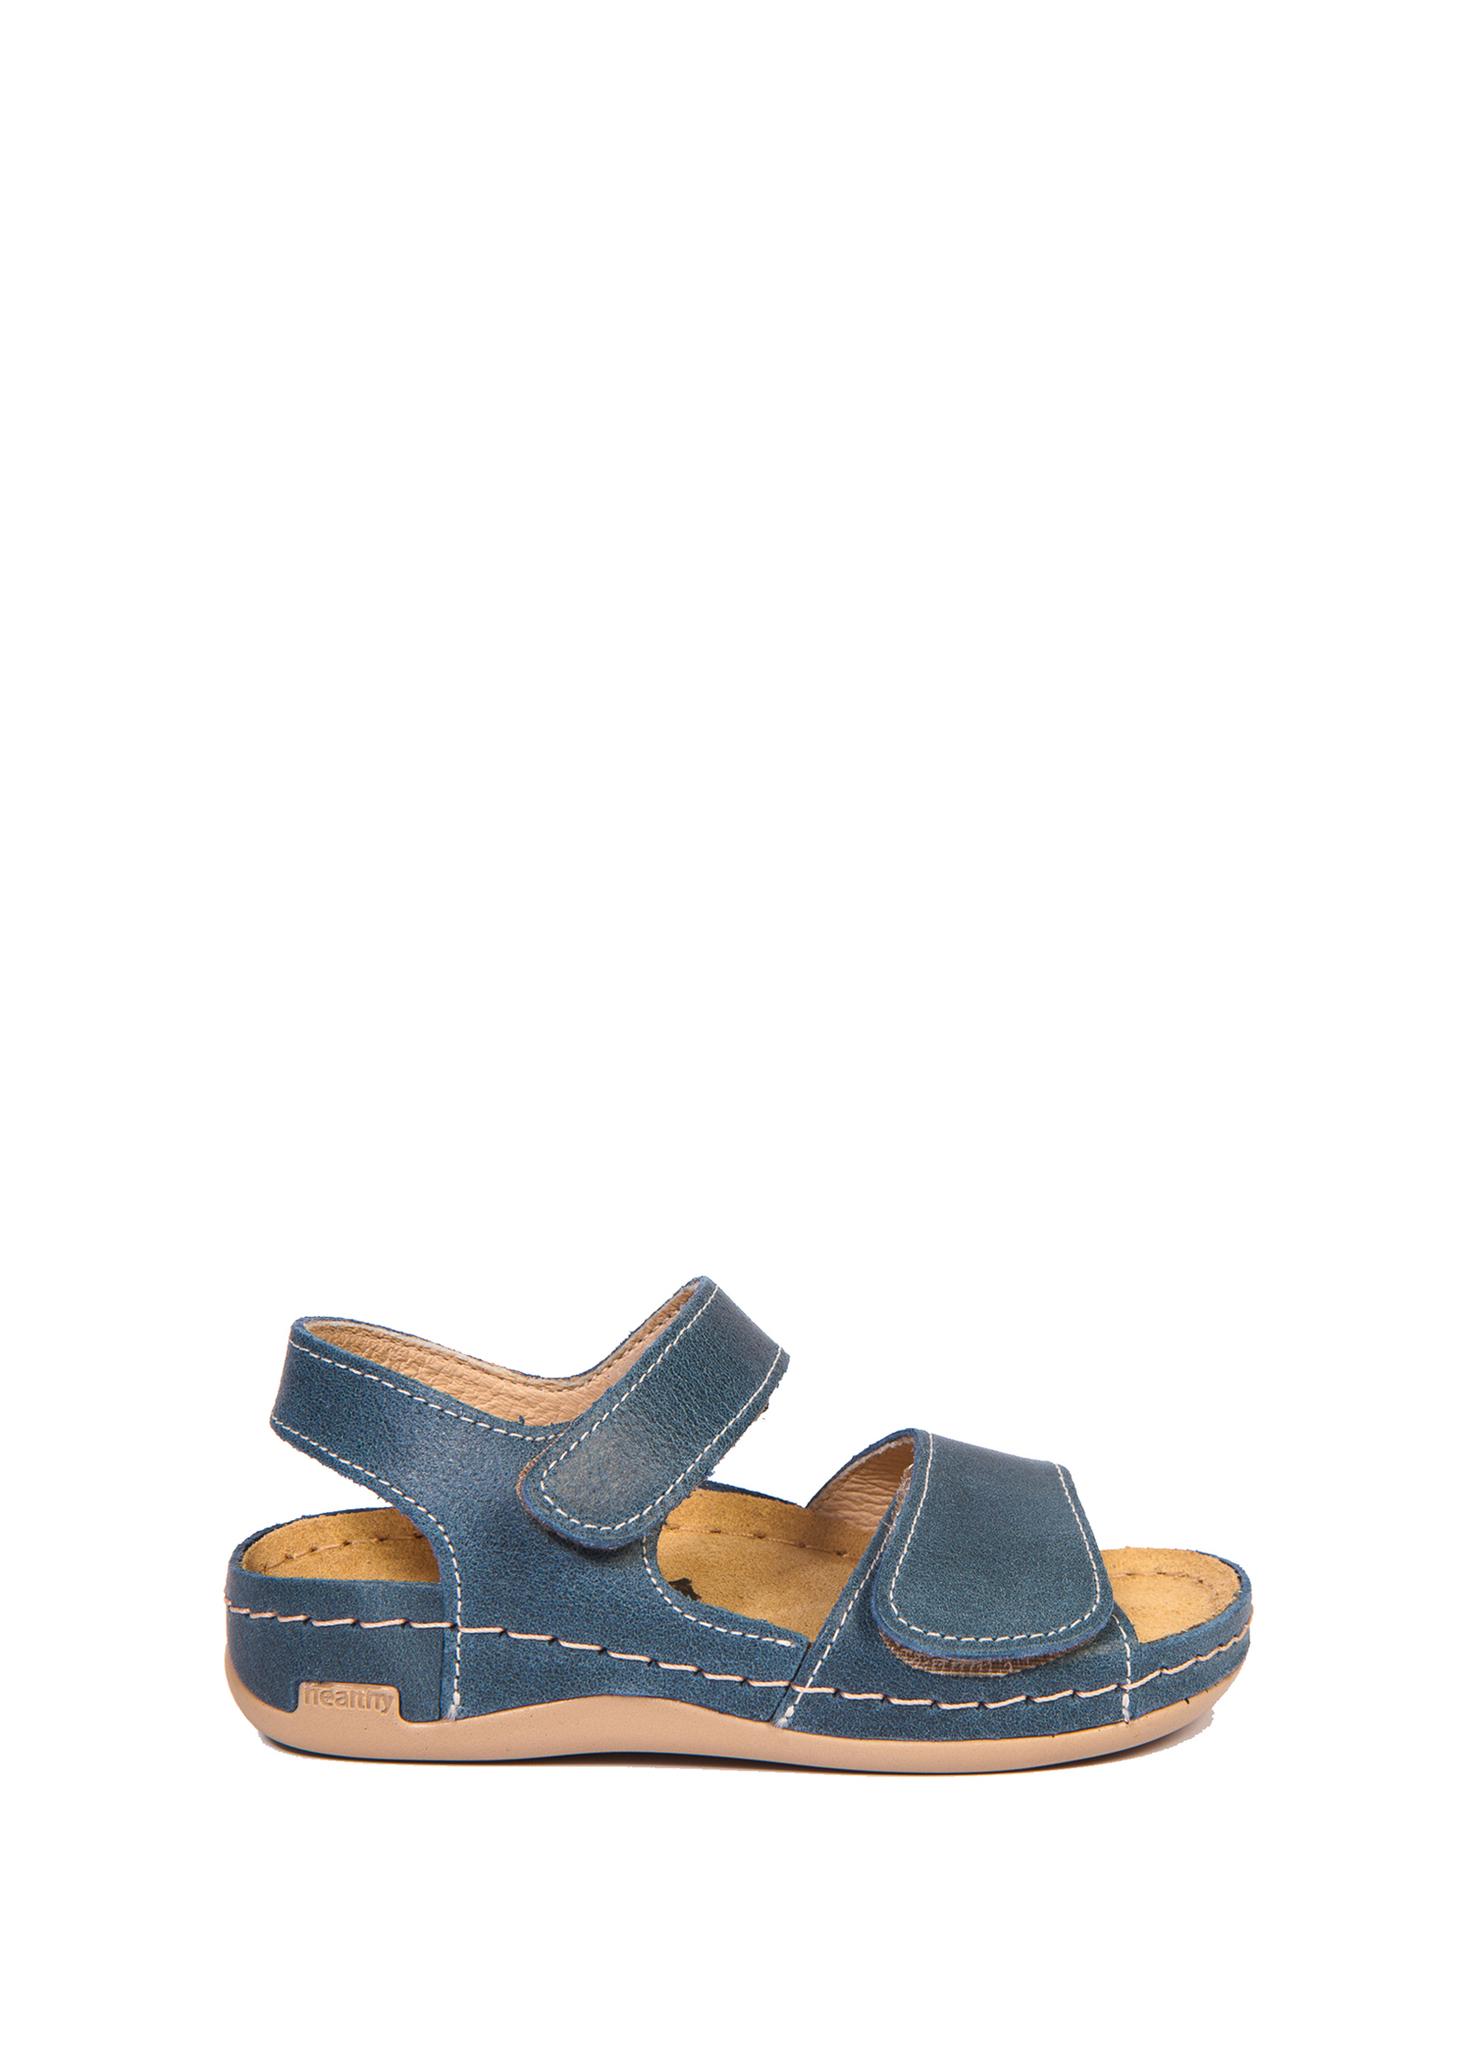 Детские сандалии, модель 802B (темно-синие)